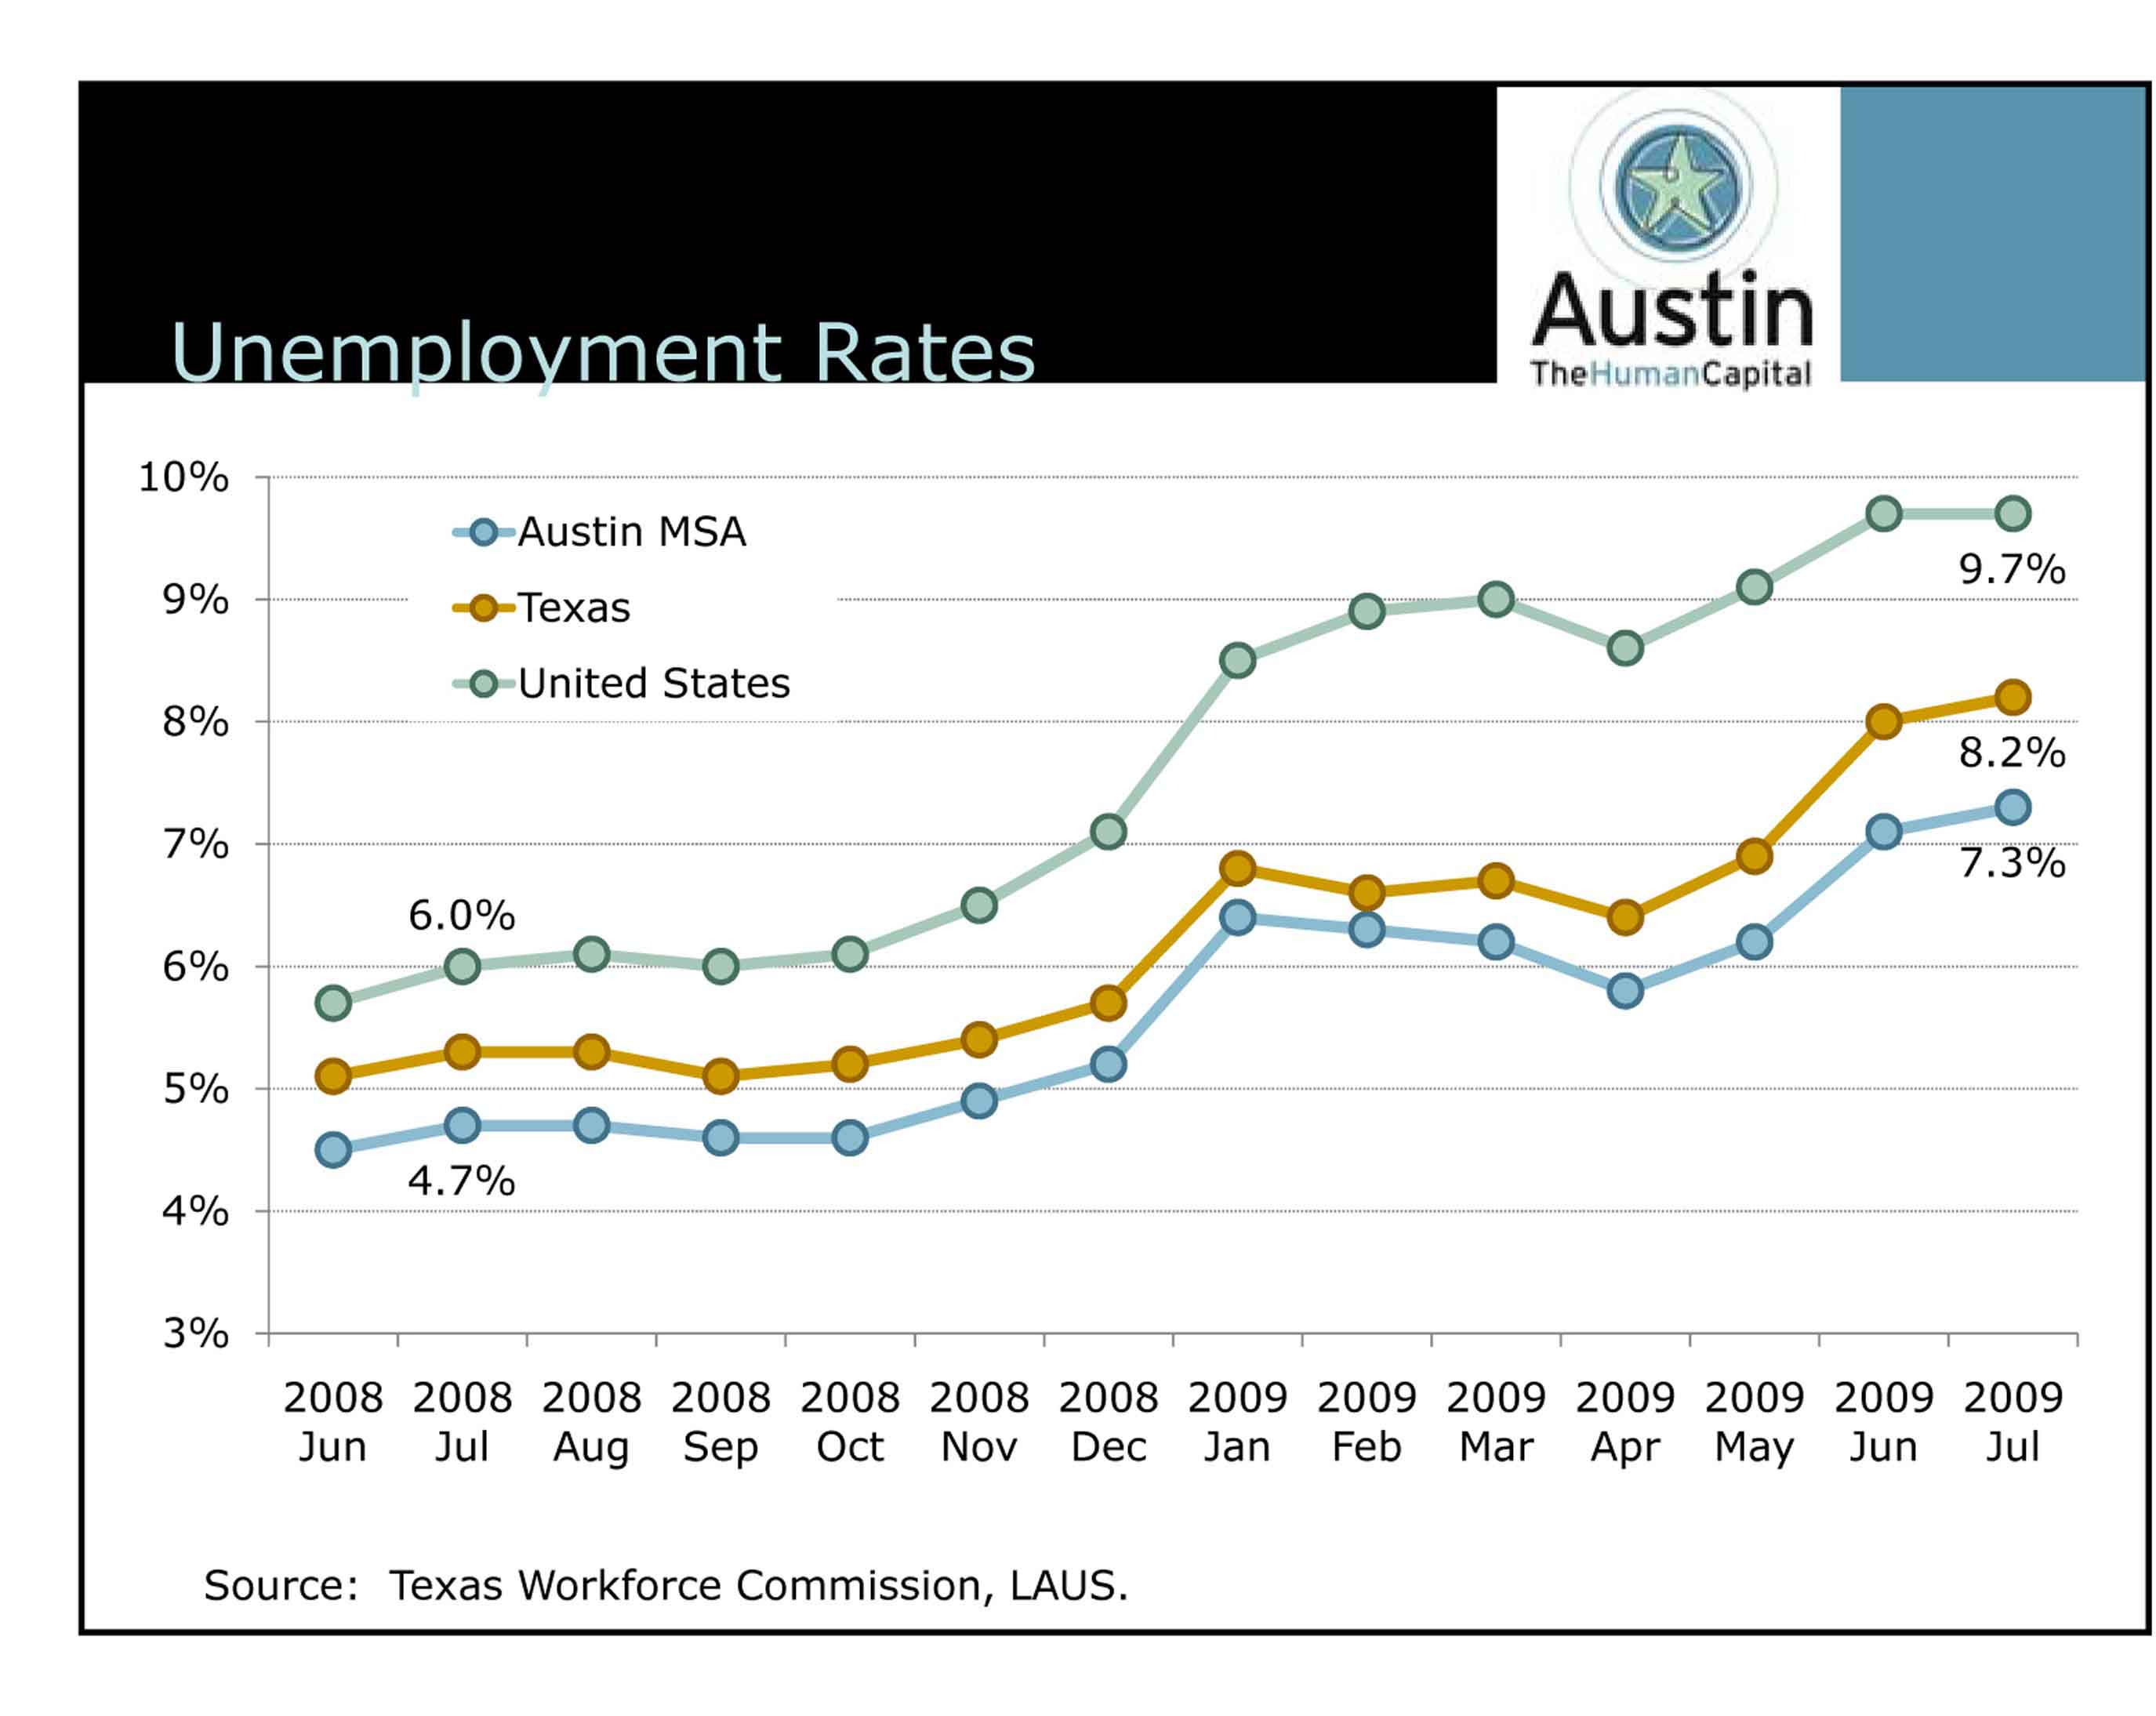 Austin Unemployment